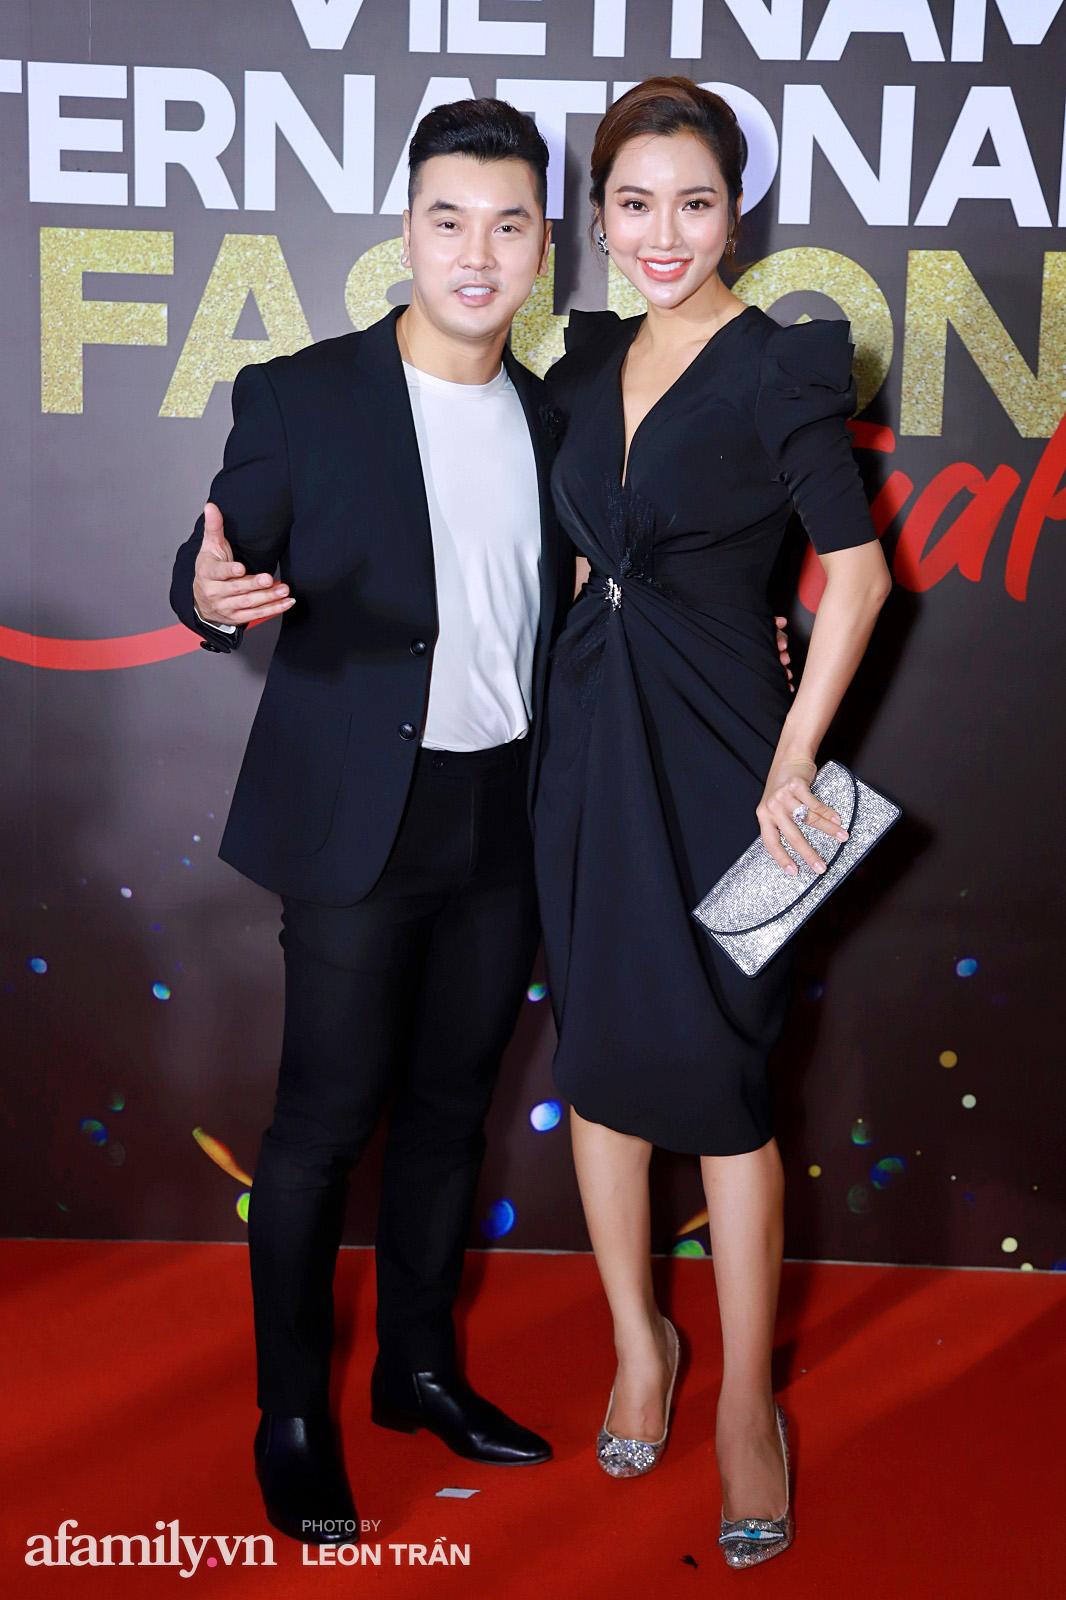 """Fashion Festival ngày cuối: Midu đẹp tựa thần tiên, nhưng giật spotlight lại là gương mặt """"mới cứng"""" của showbiz Việt  - Ảnh 1."""